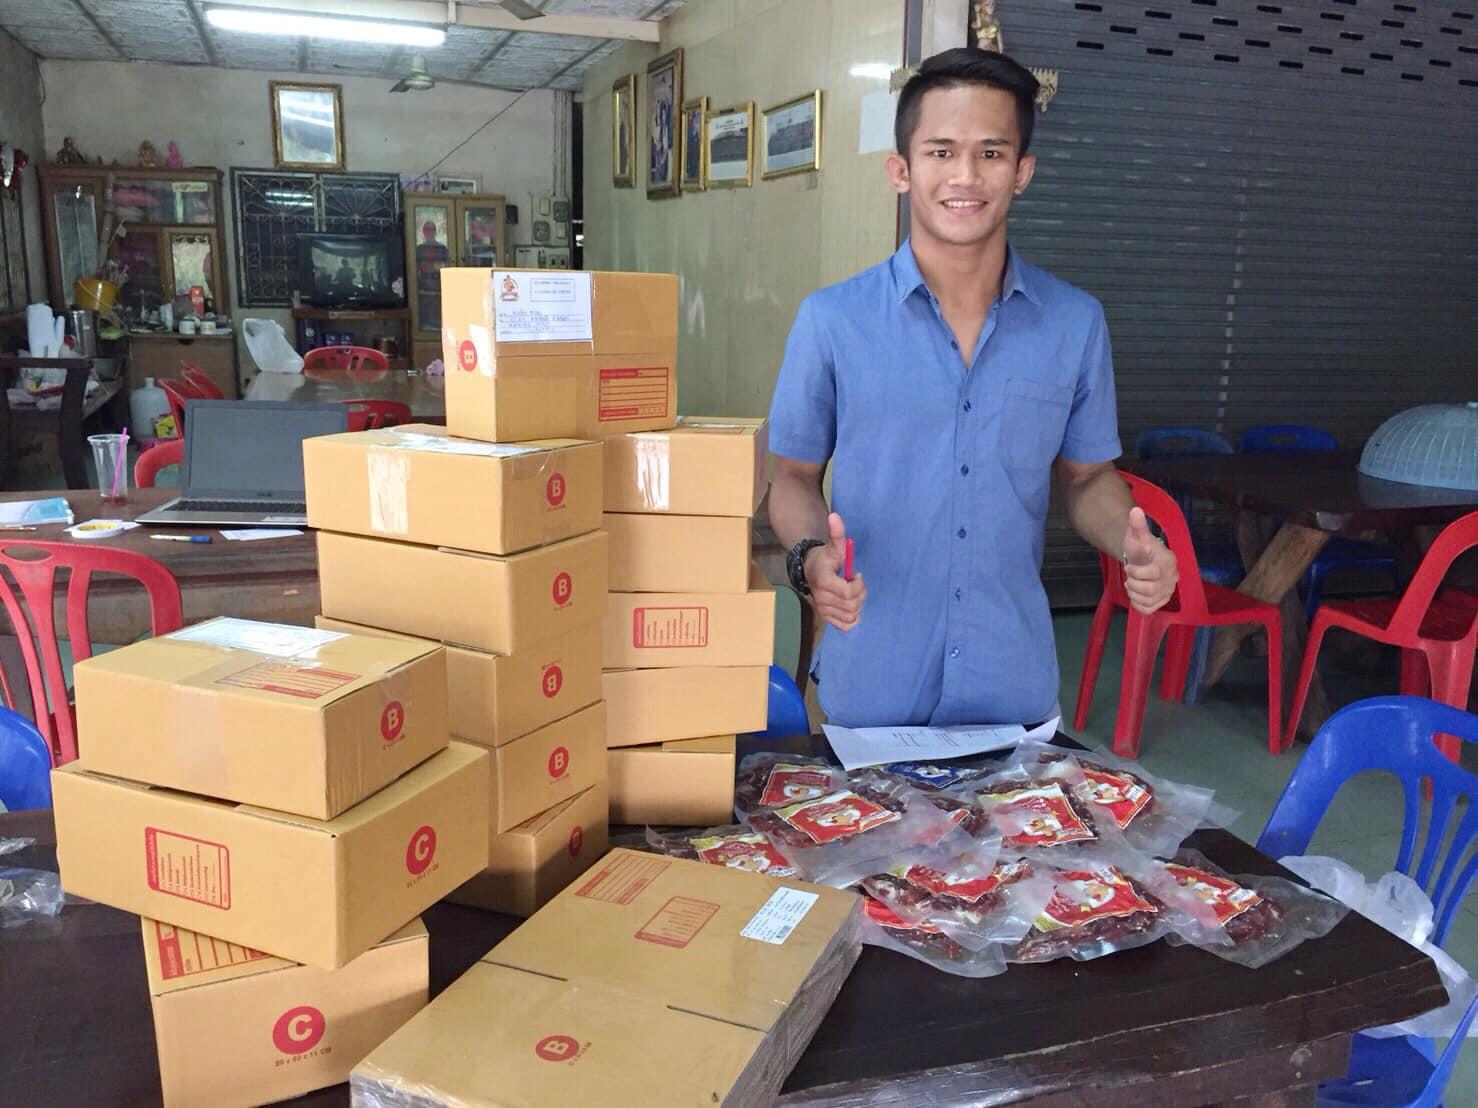 Yodkhunsuek Mubanchombueng selling dried pork